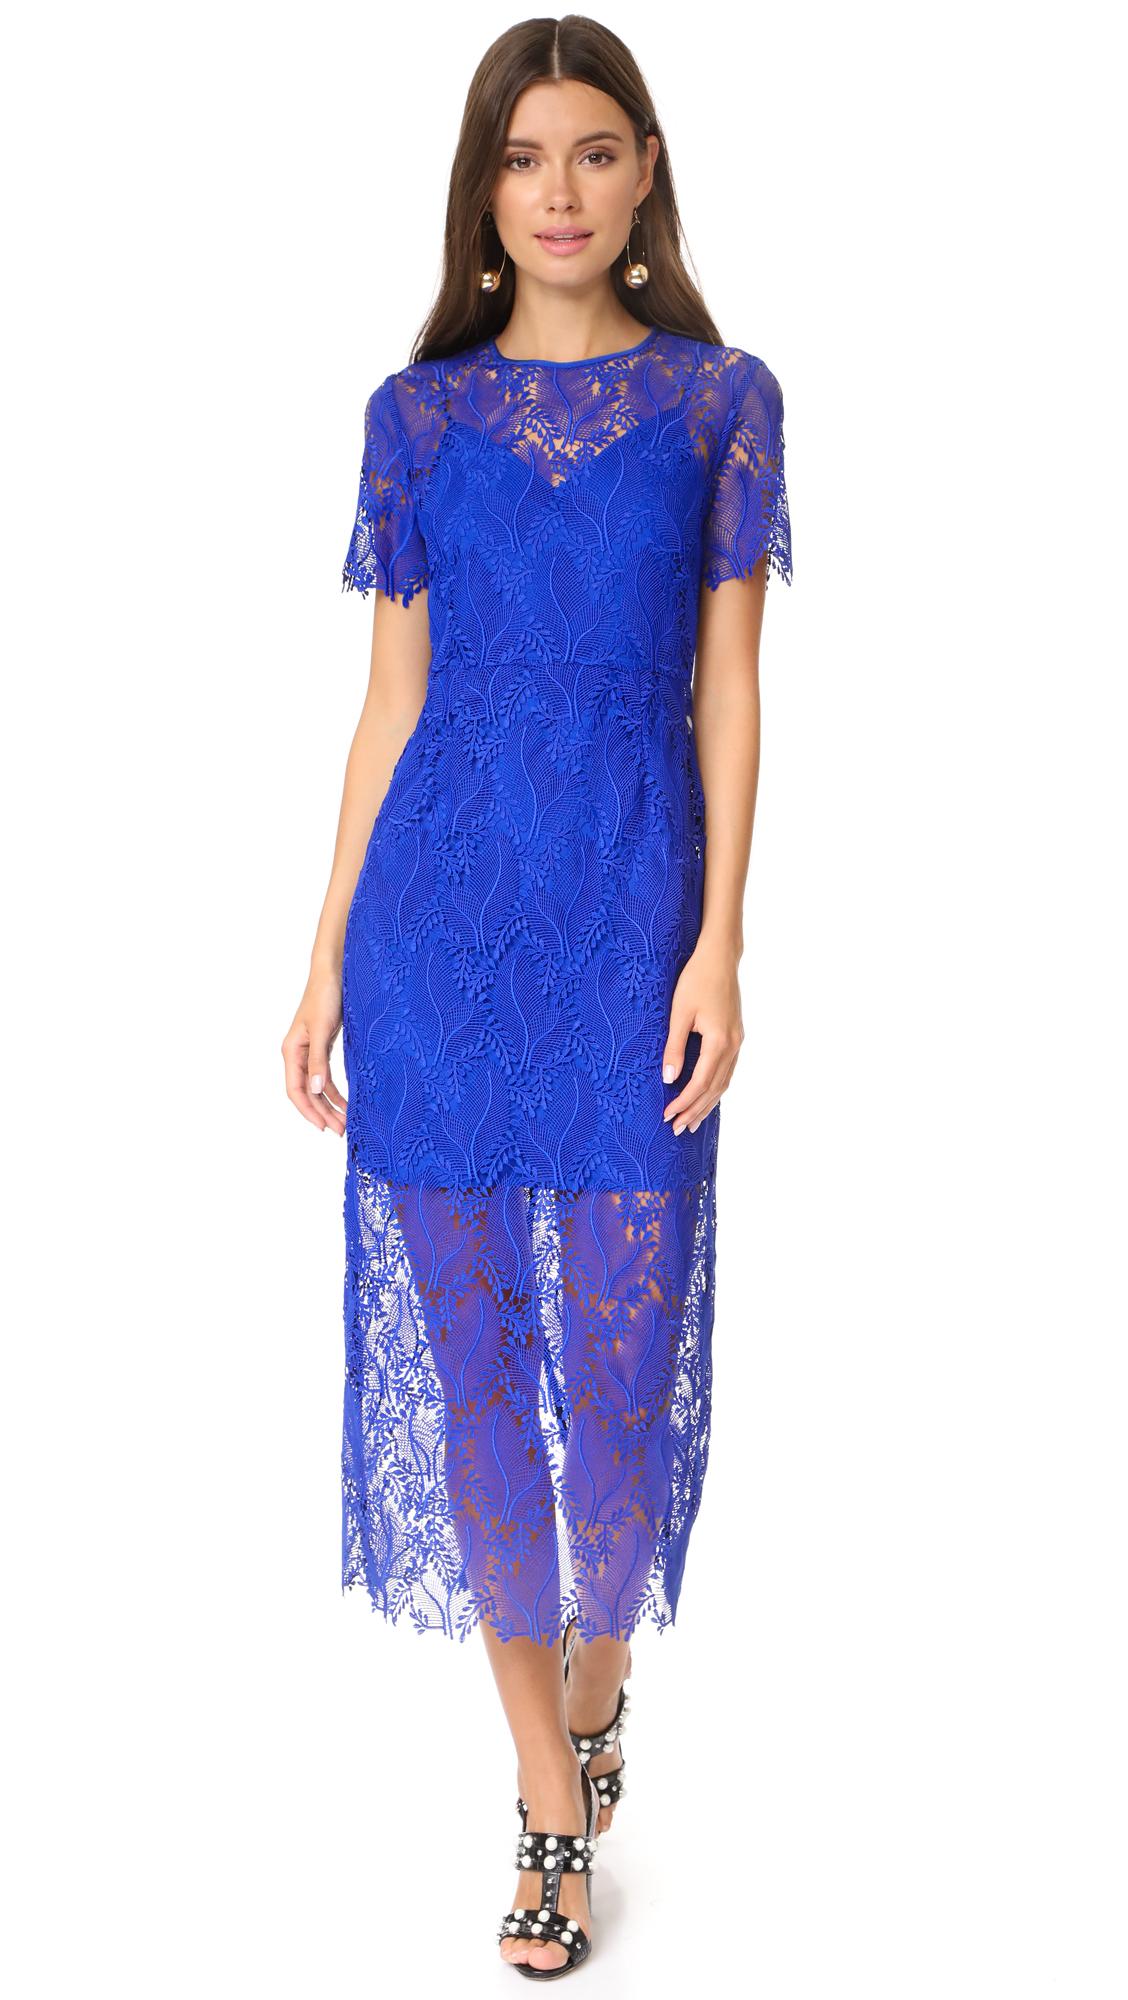 Diane von Furstenberg Tailored Overlay Midi Dress - Klein Blue/Klein Blue